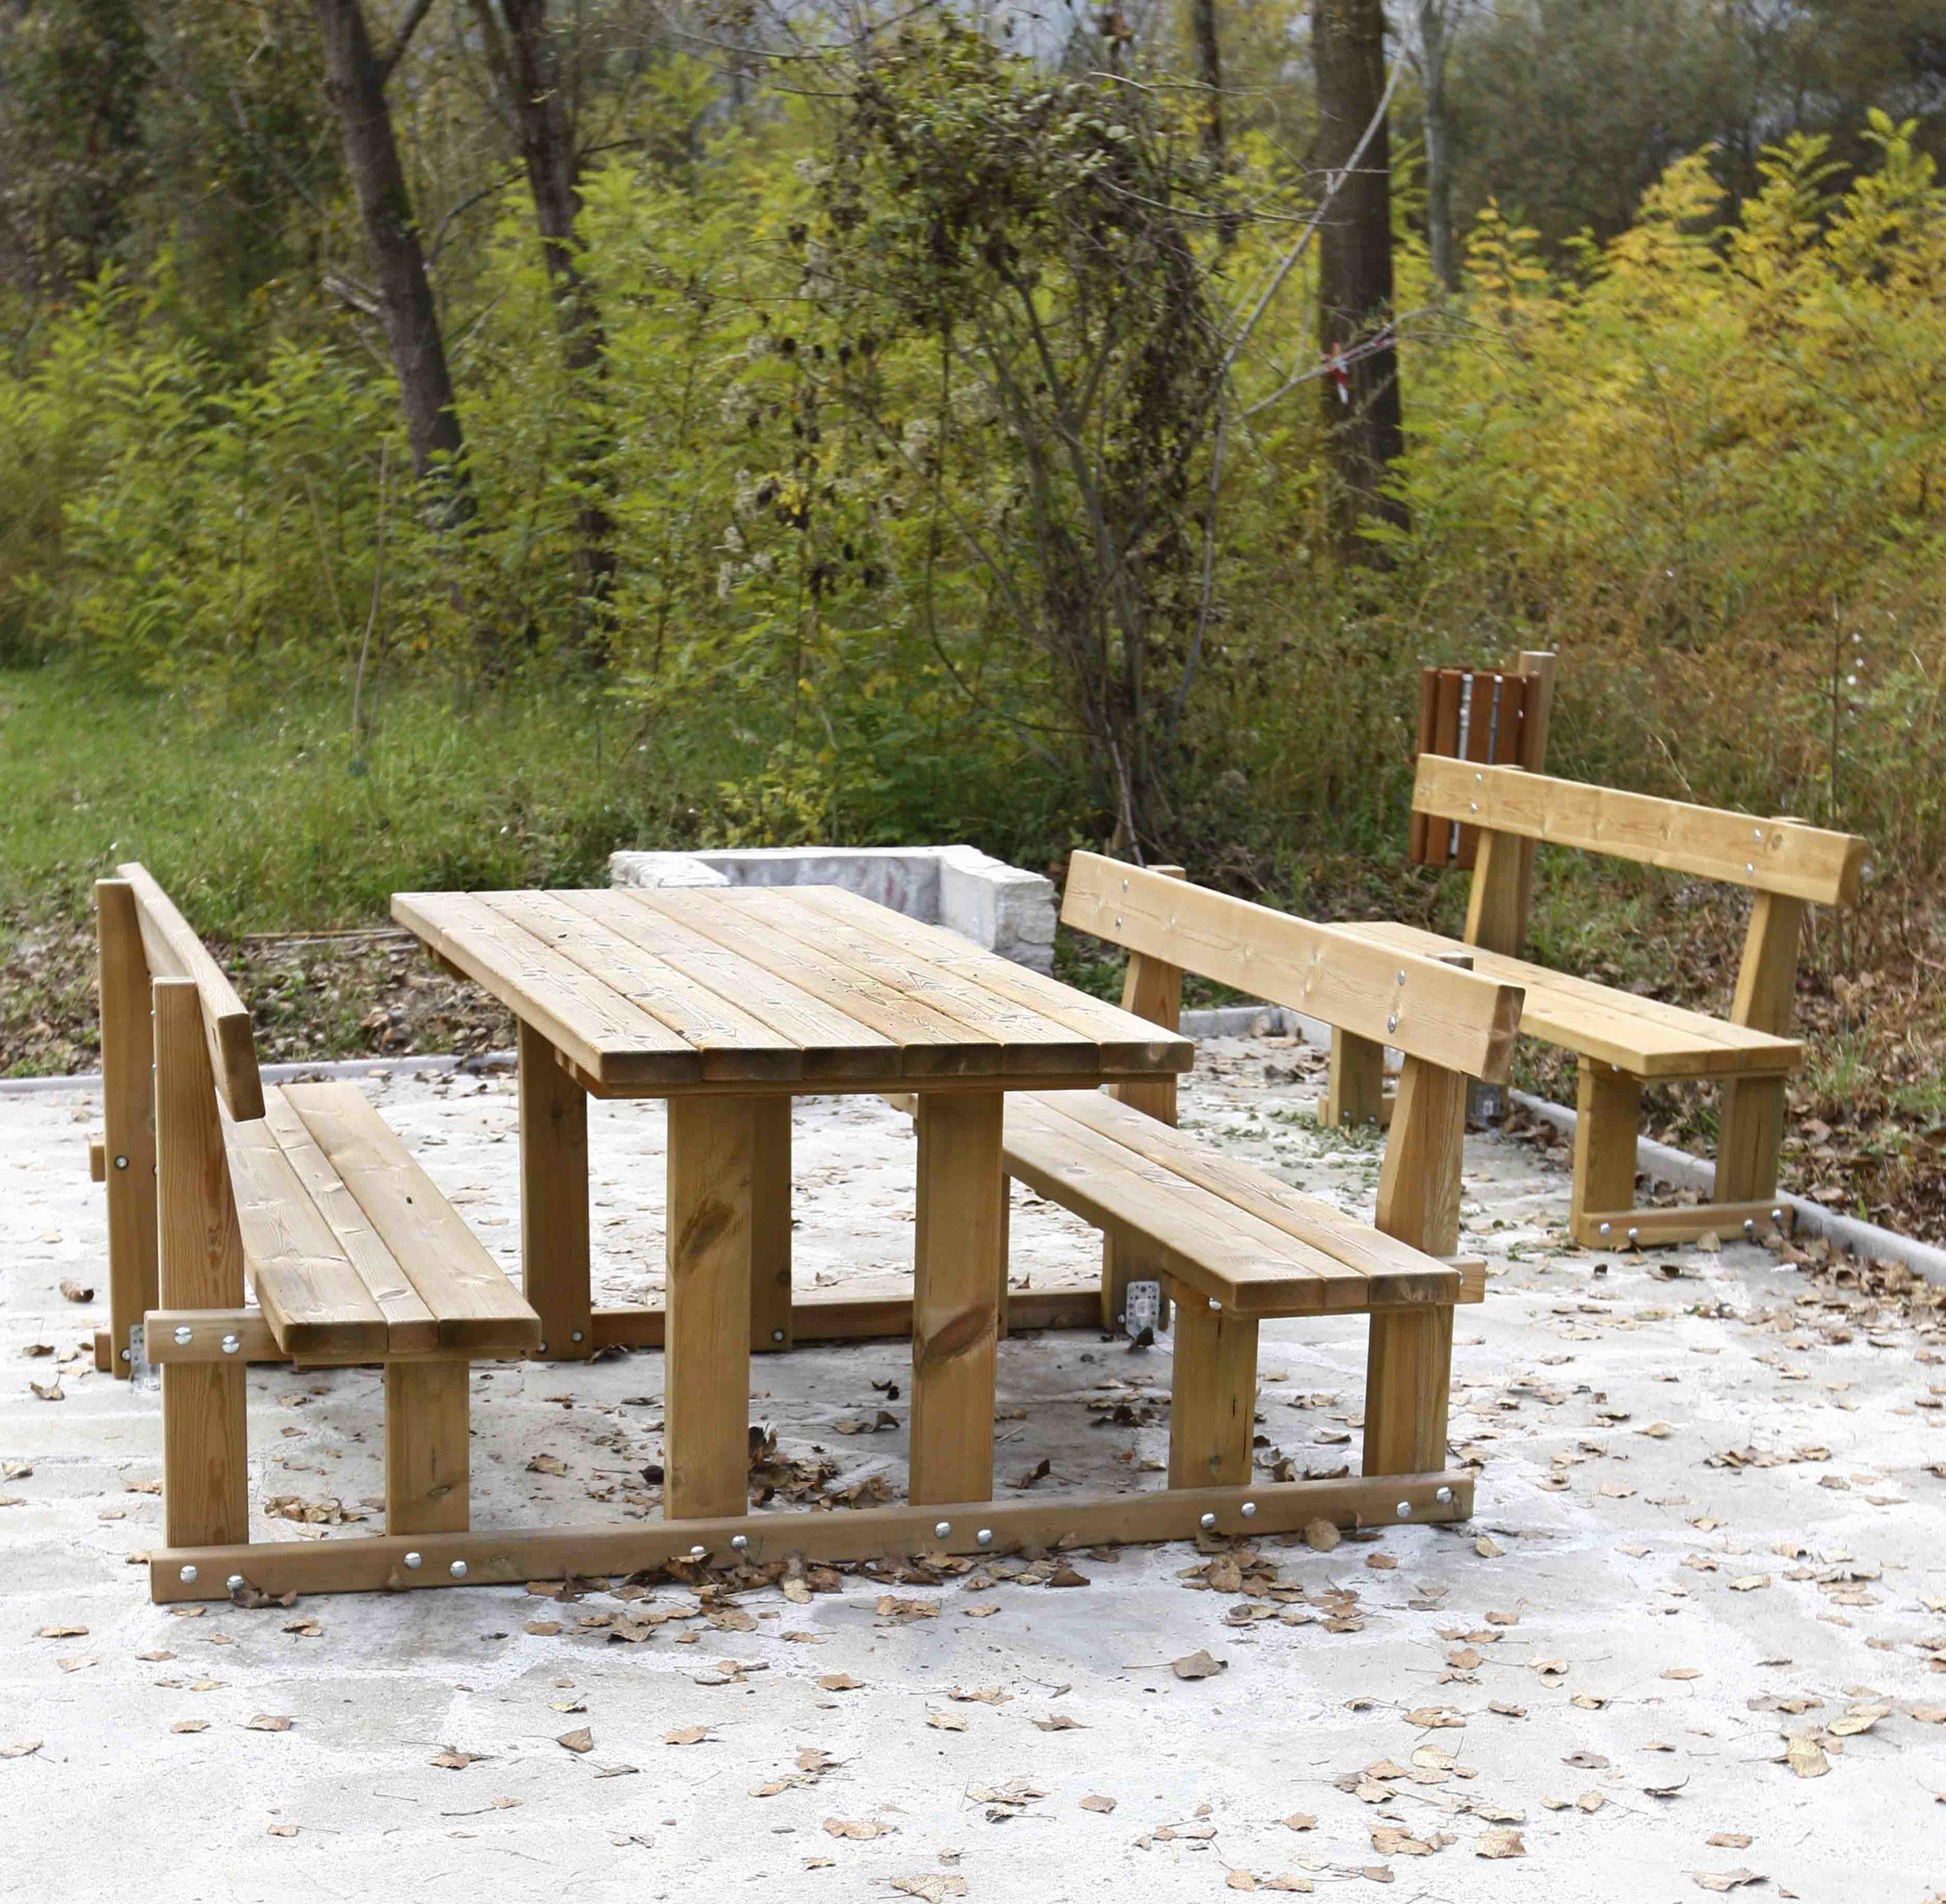 Tavolo in legno di pino impregnato realizzato da Linea Montanalegno - ILT